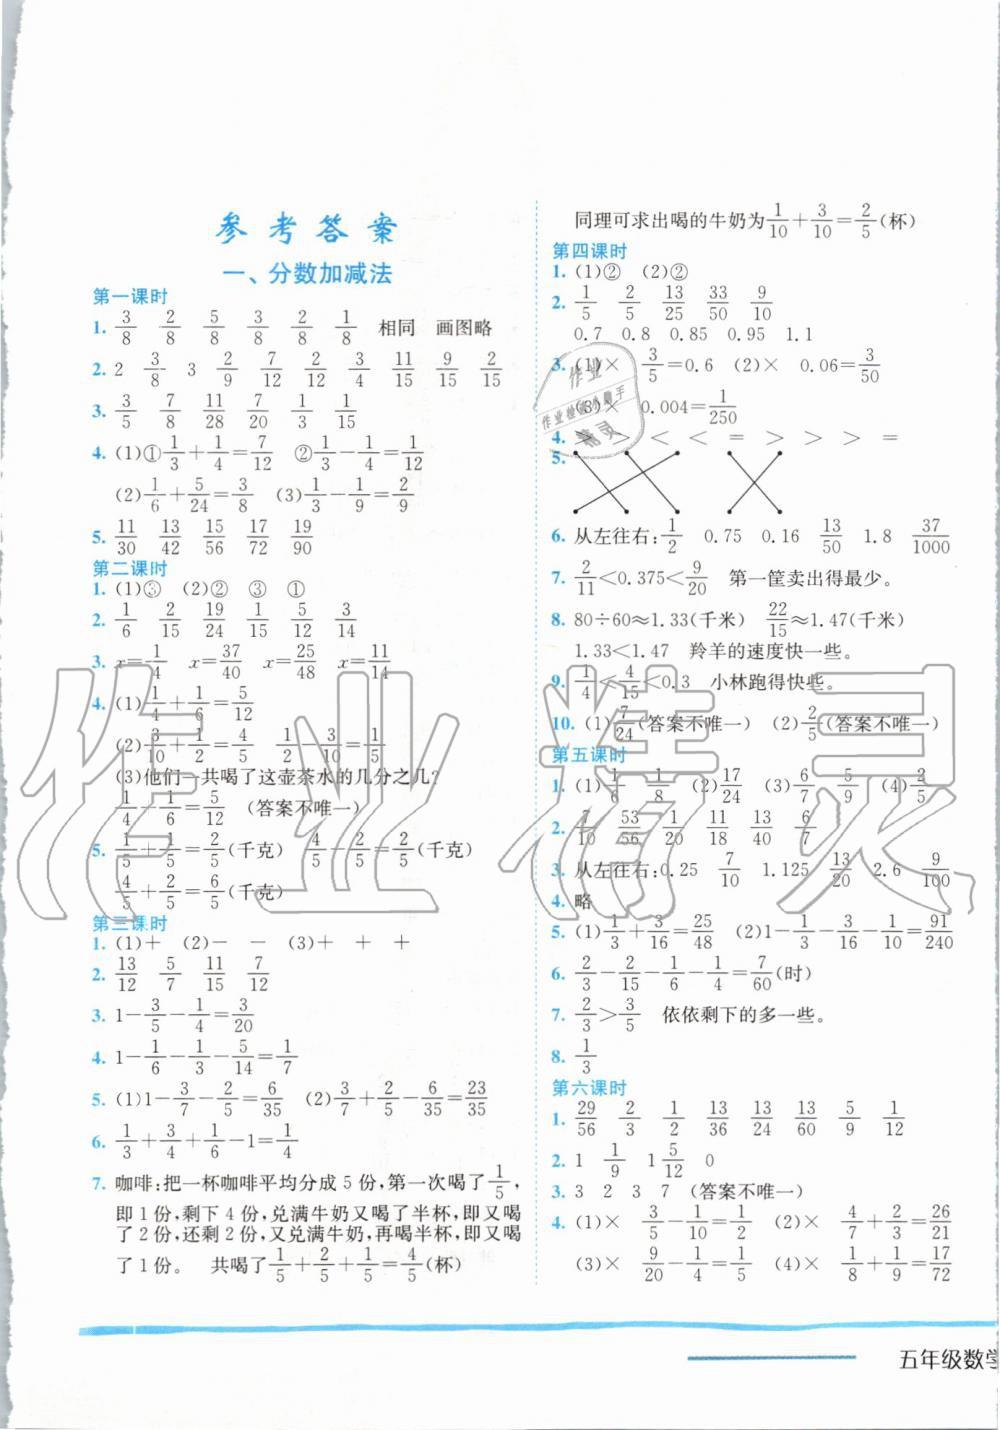 2020年黄冈小状元作业本五年级数学下册北师大版第1页